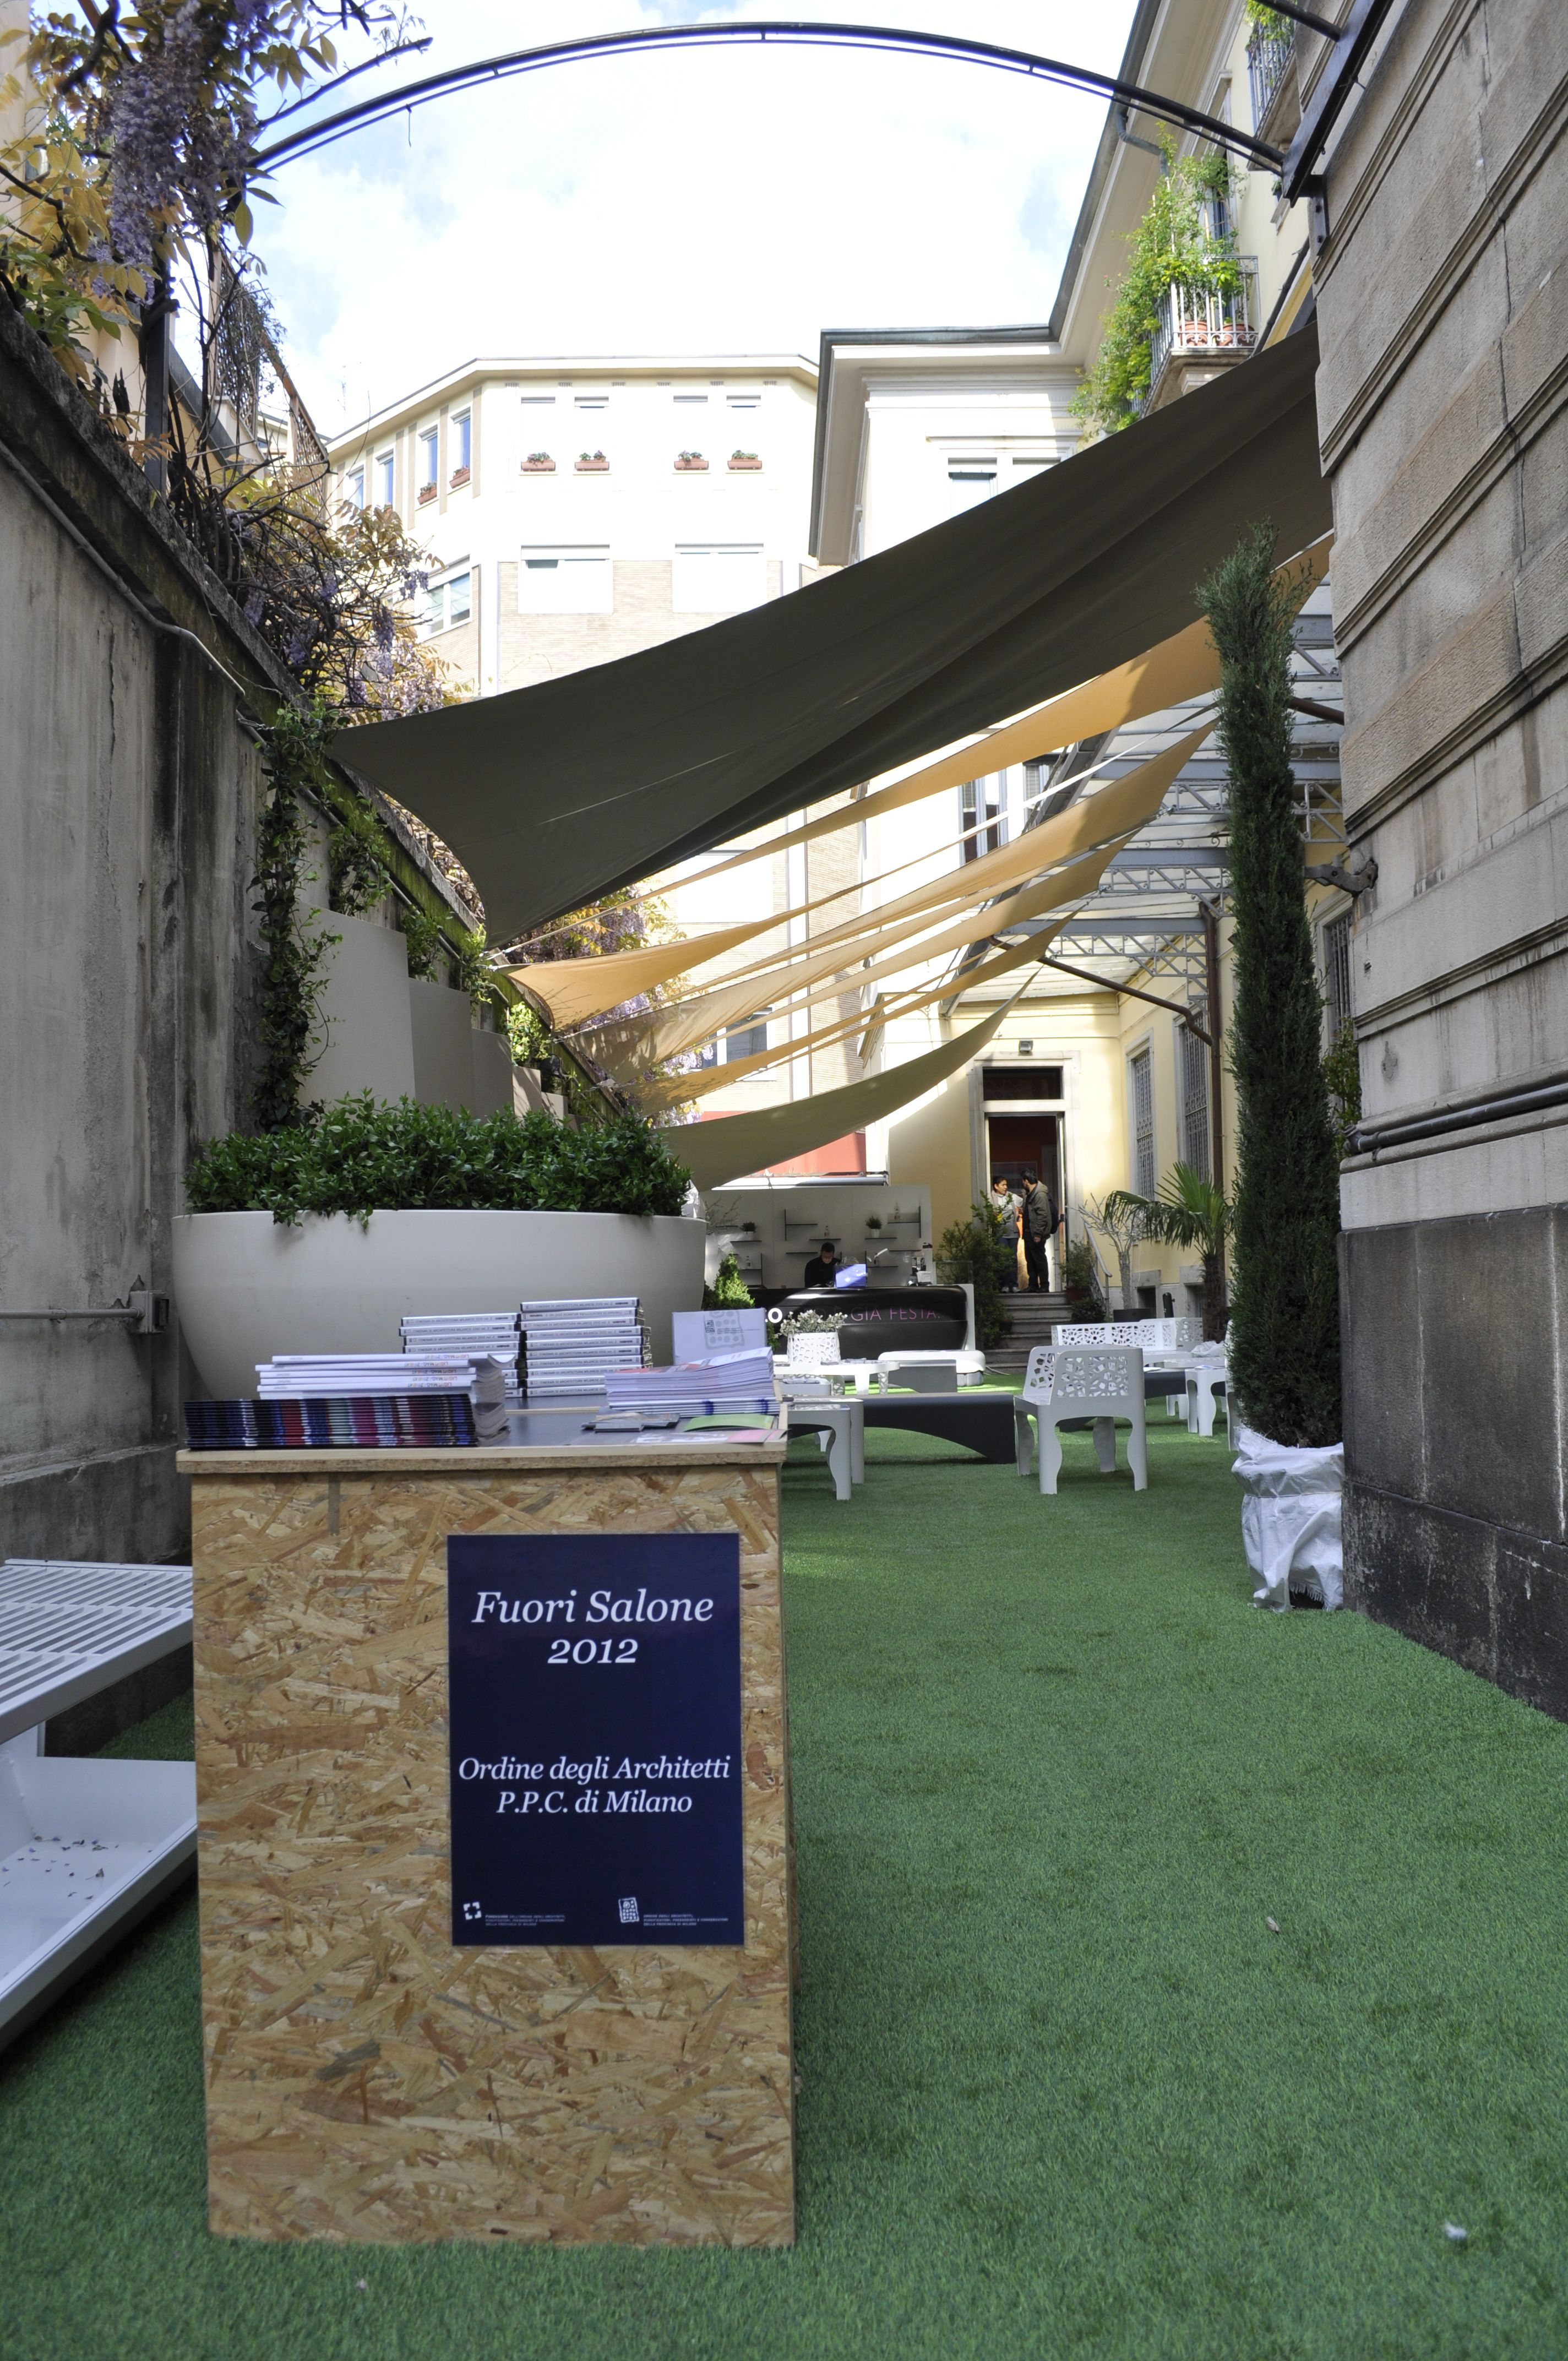 Benvenuti al Fuorisalone dell'Ordine degli Architetti di Milano, dal 16 al 22 Aprile 2012 (foto di Stefano Suriano)